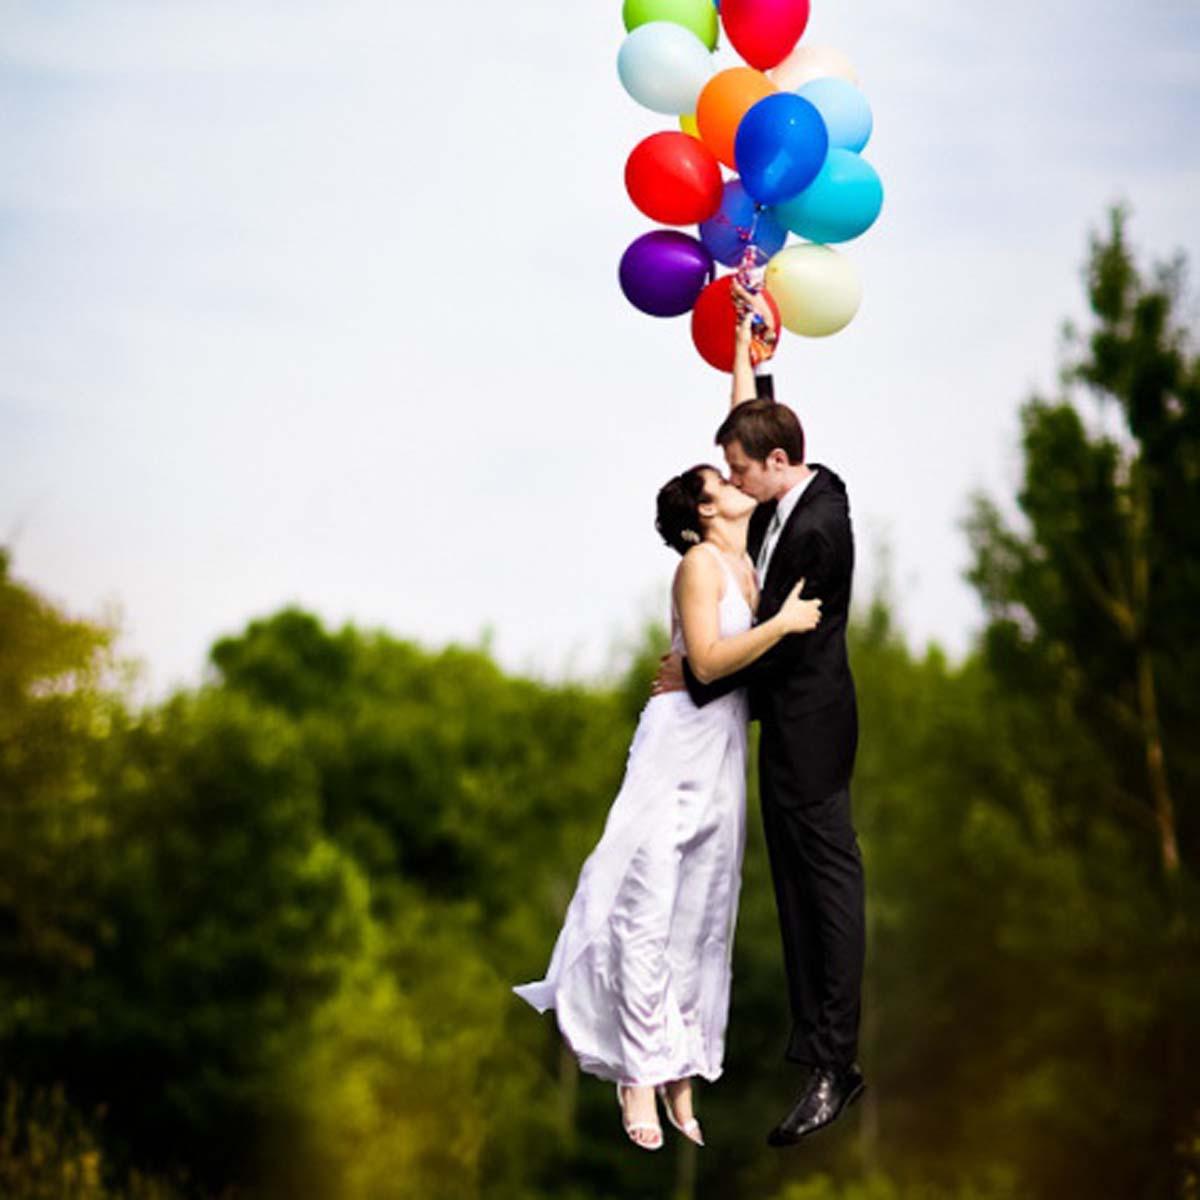 Decora tu boda con globos en el cigarral del ngel - Decora con globos ...